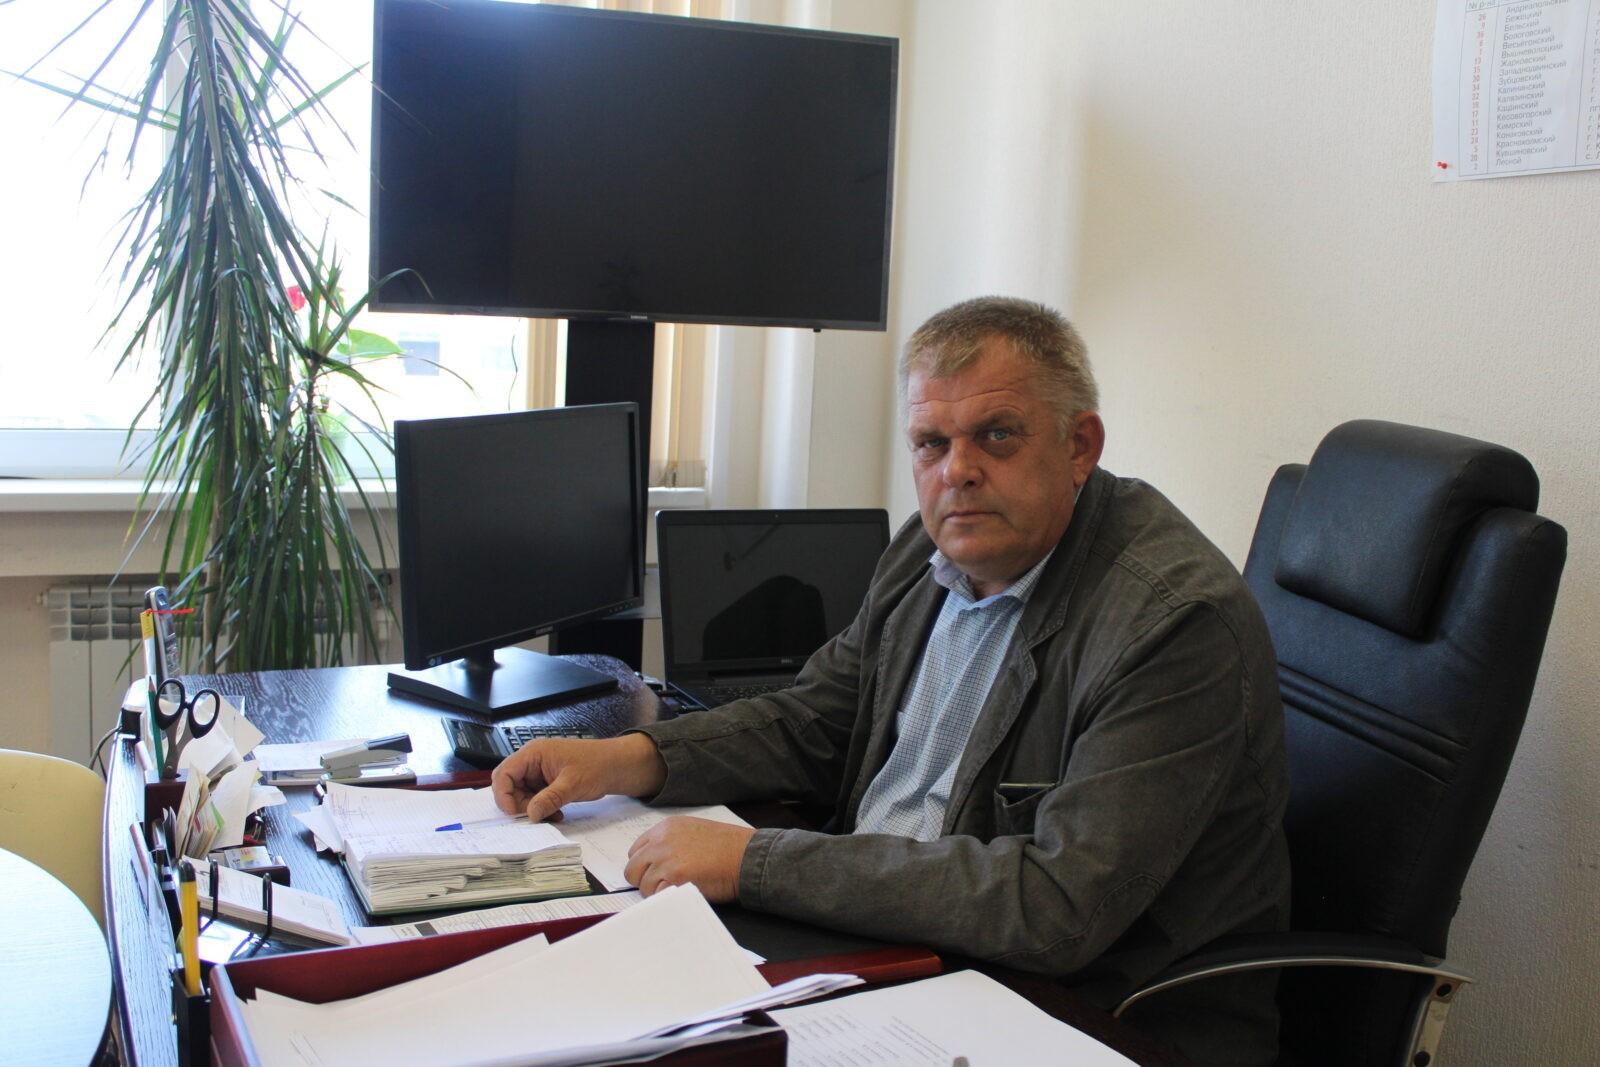 Сергей Табачун: Инвесторы идут туда, где есть перспективы развития